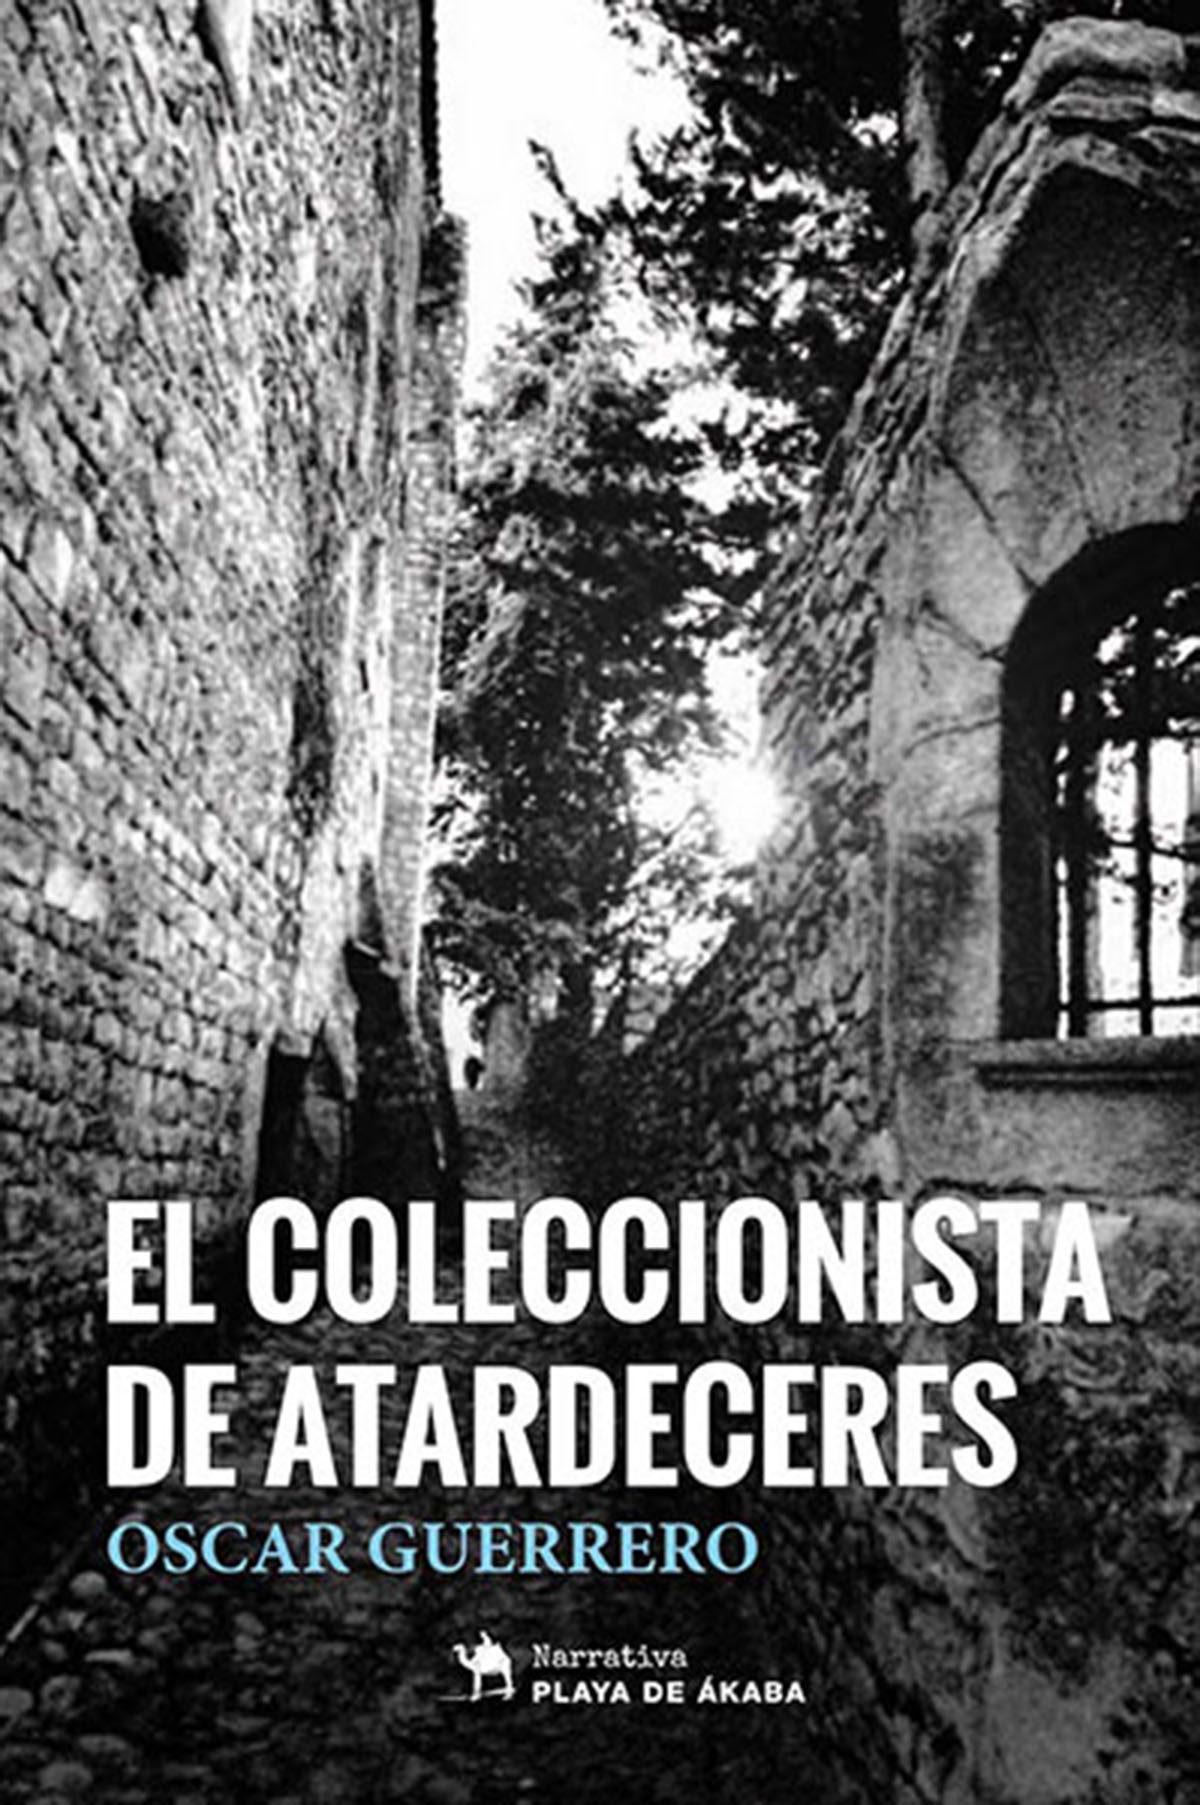 El coleccionista de atardeceres